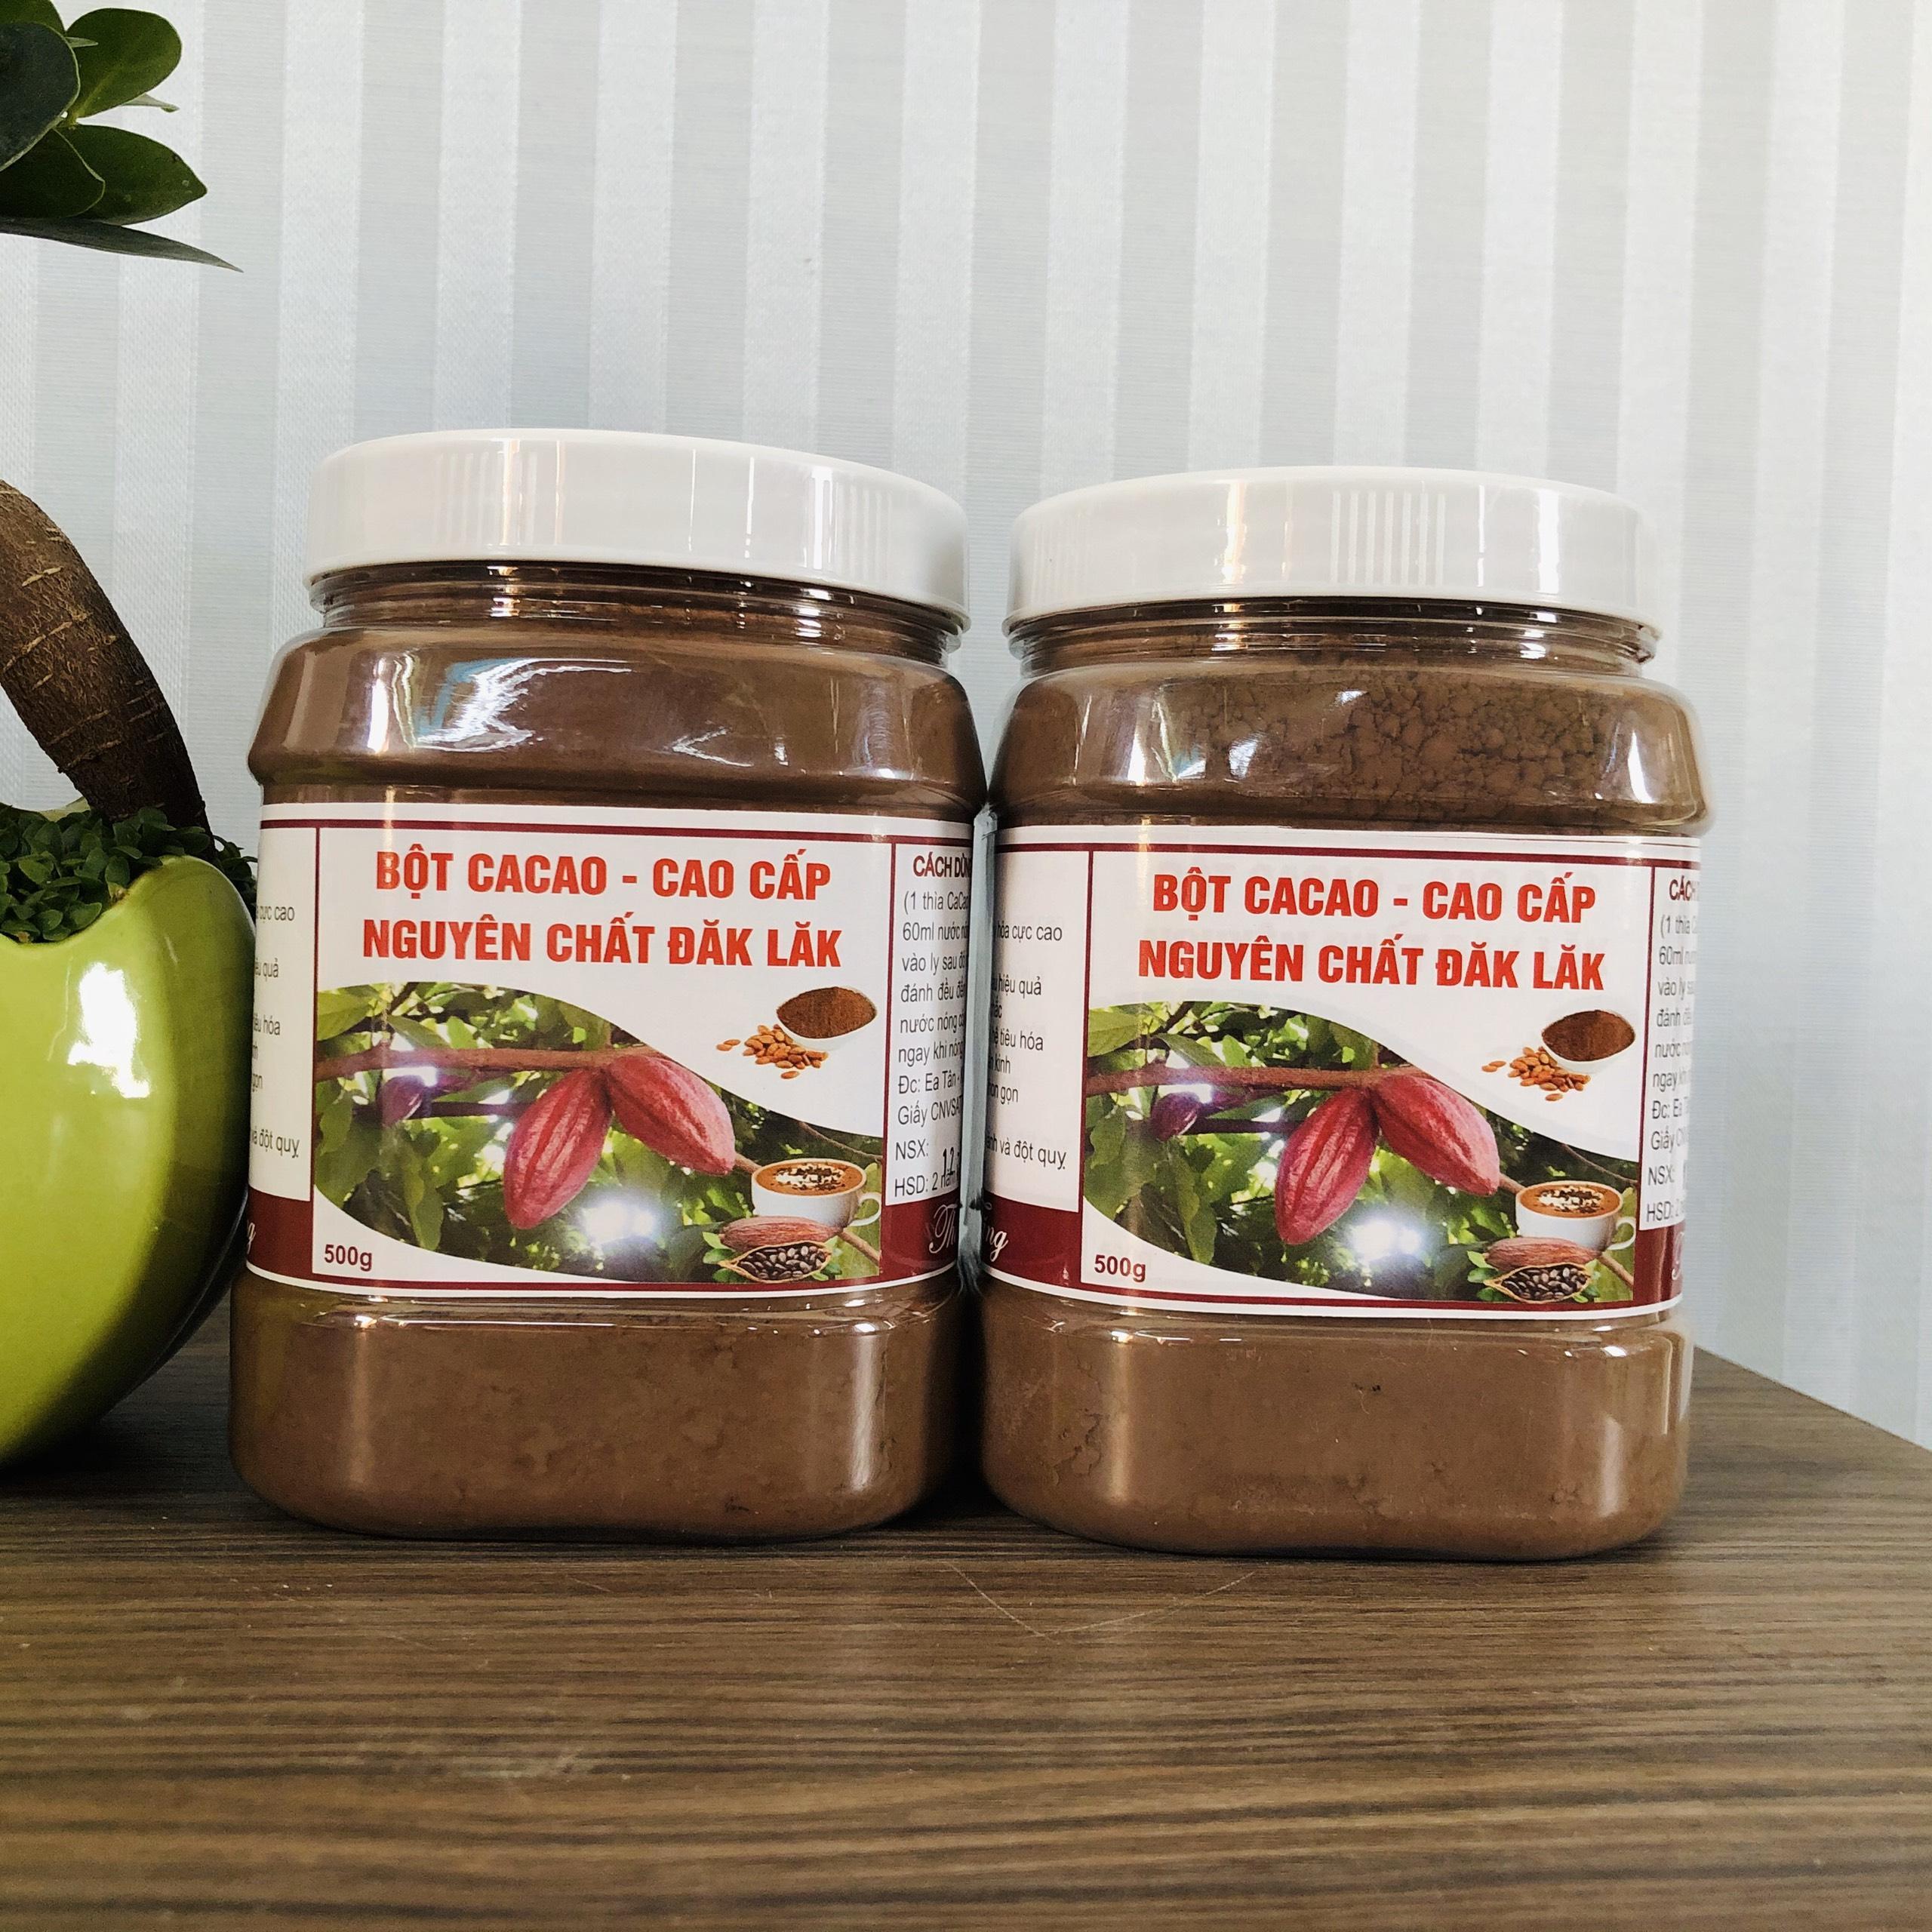 Giảm Giá Ưu Đãi Khi Mua Bột Cacao Nguyên Chất Không đường Có Thể Keto Giảm Cân (2 Hộp)